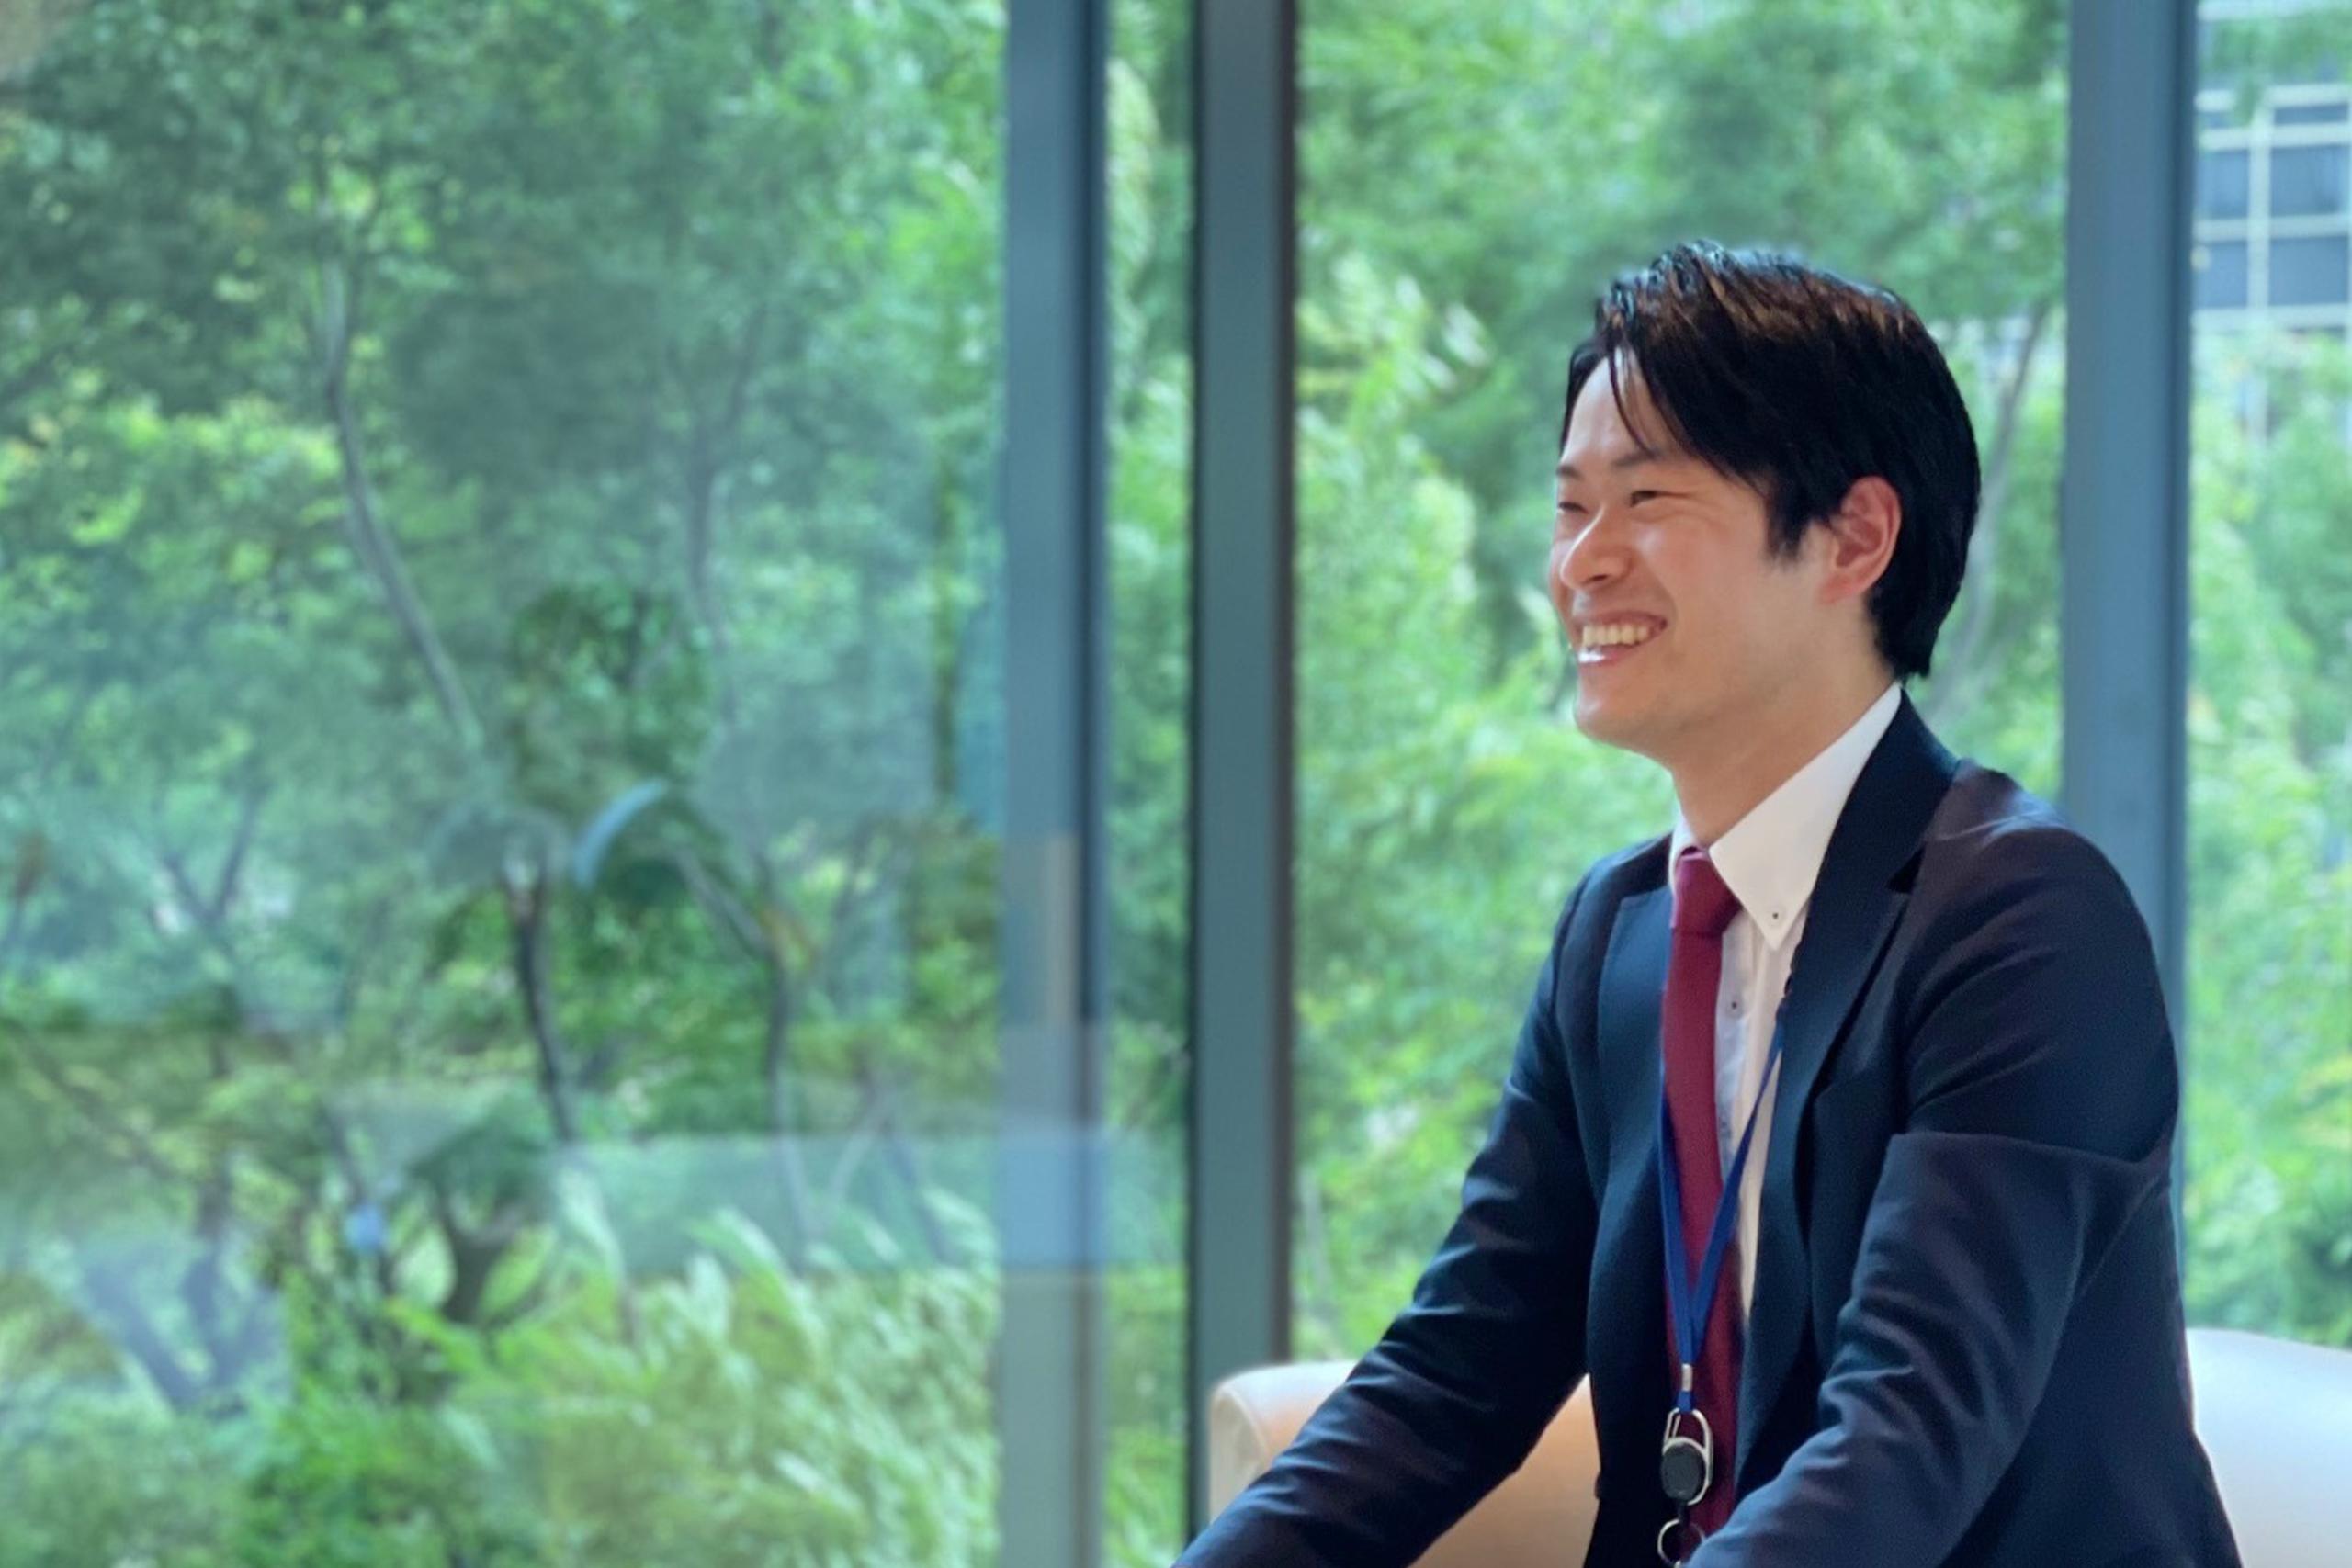 木戸 優起(きど ゆうき)/㈱ドリームインキュベータ ビジネスプロデューサー・中小企業診断士